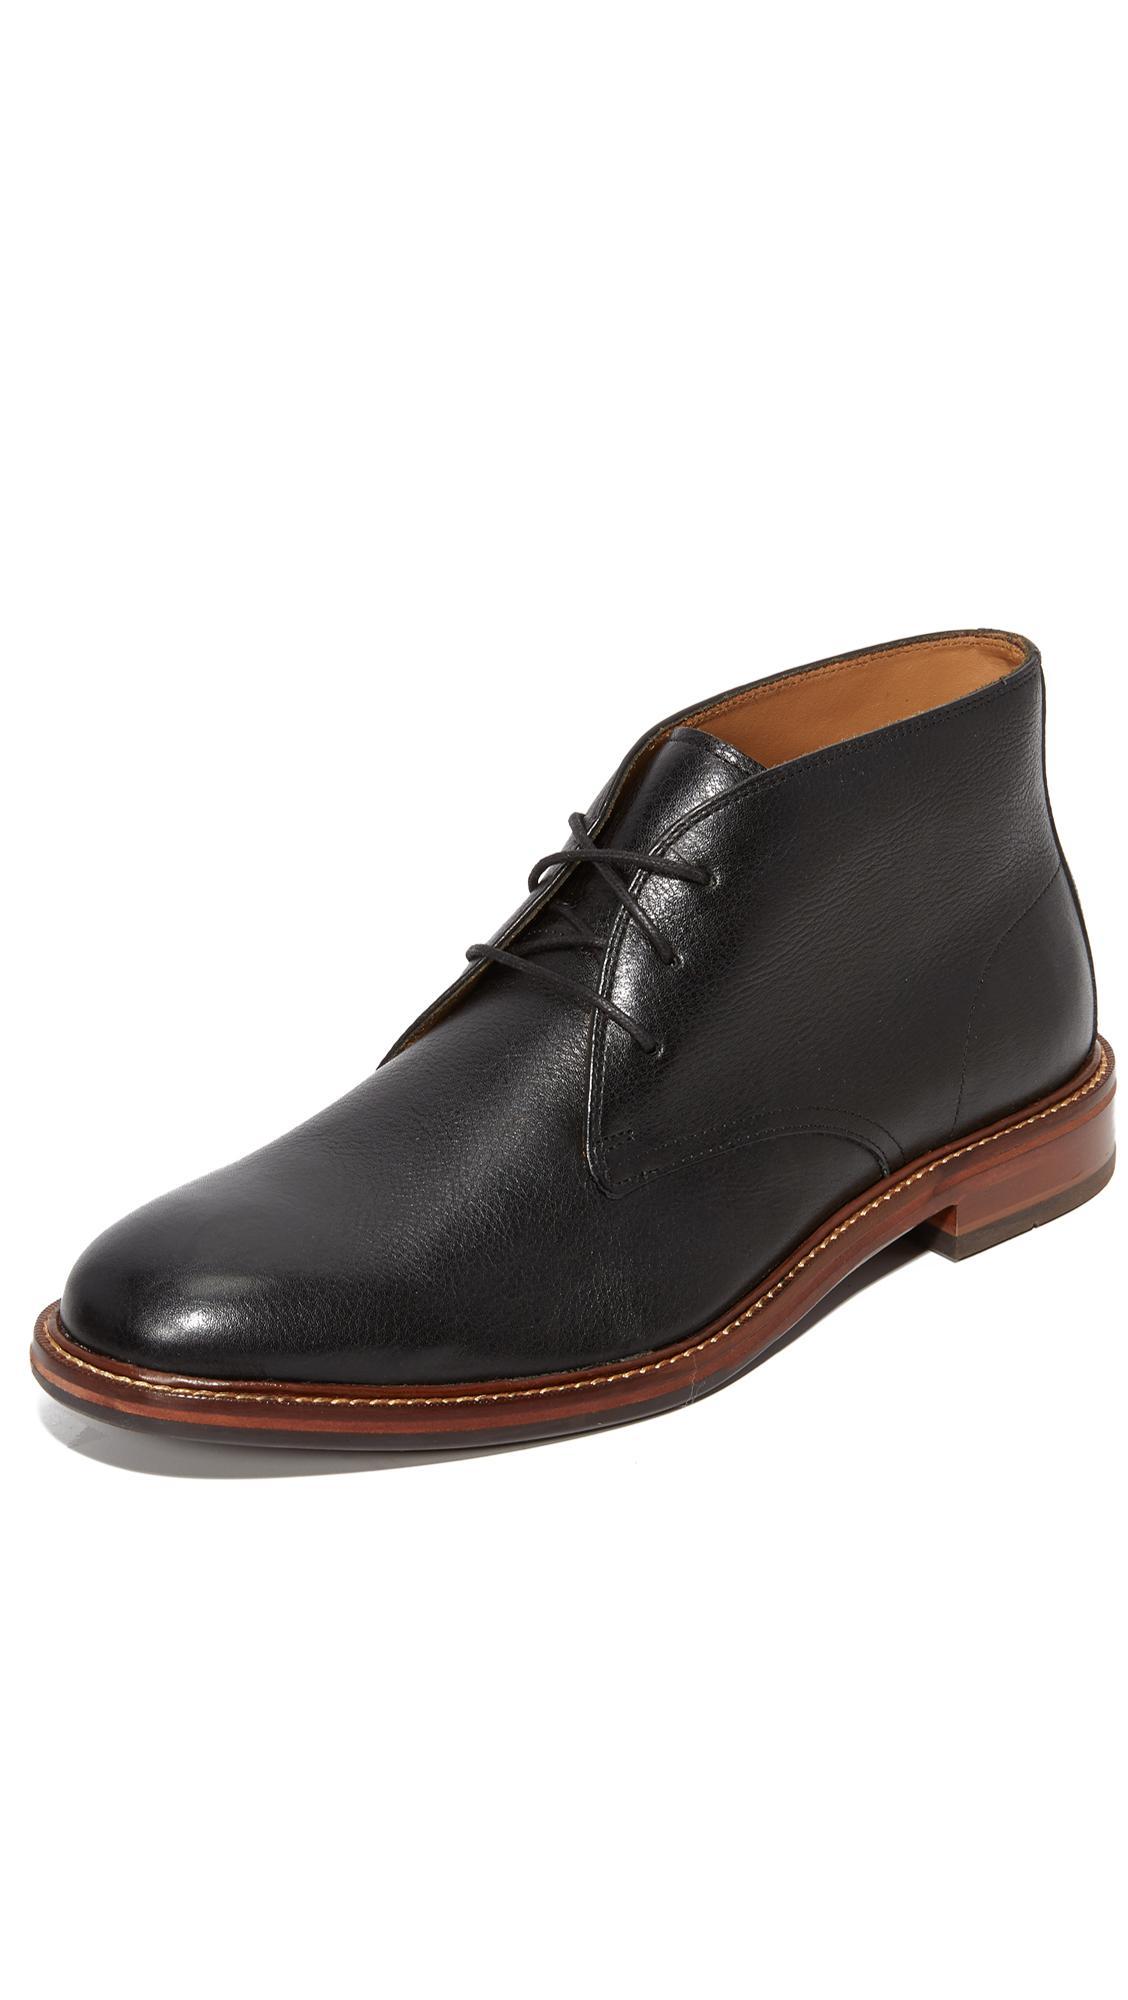 cole haan black chukka boots